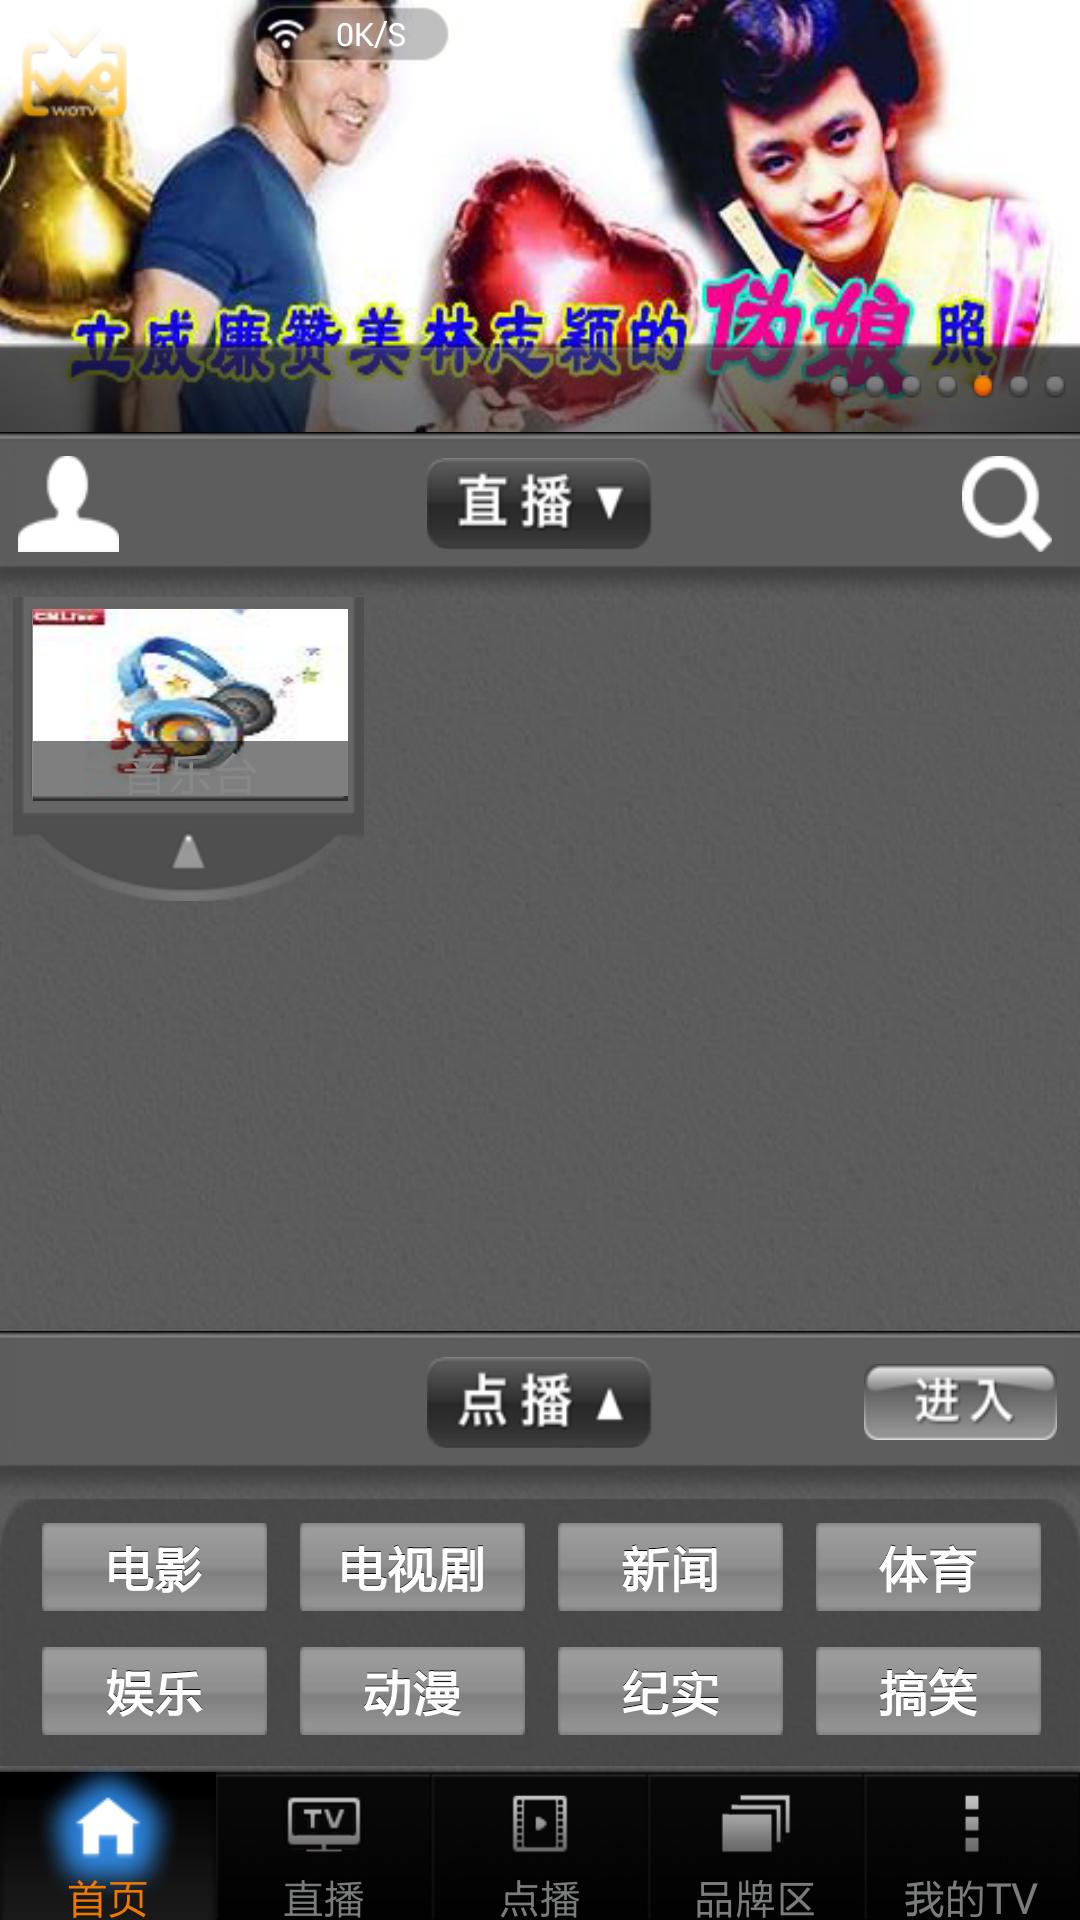 北京时间时钟桌面图集 动态时钟桌面壁纸 电脑万年历时钟桌面